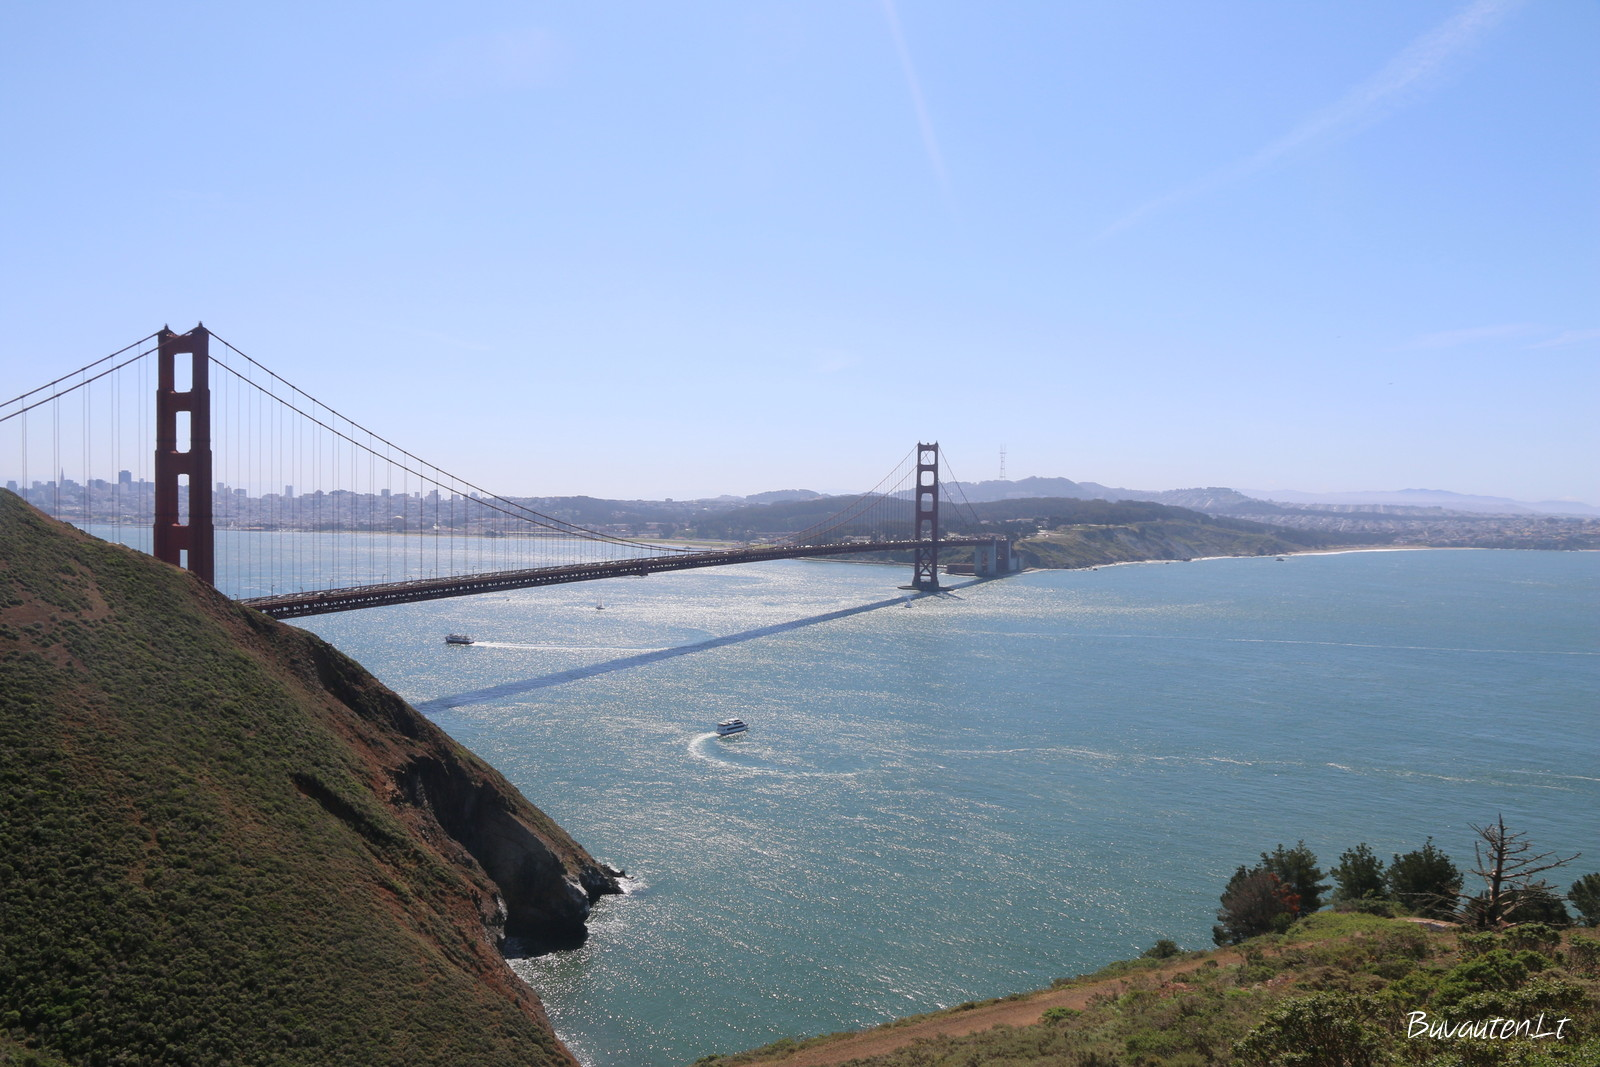 Auksinių vartų tiltas, tarp San Francisko įlankos ir Ramiojo vandenyno